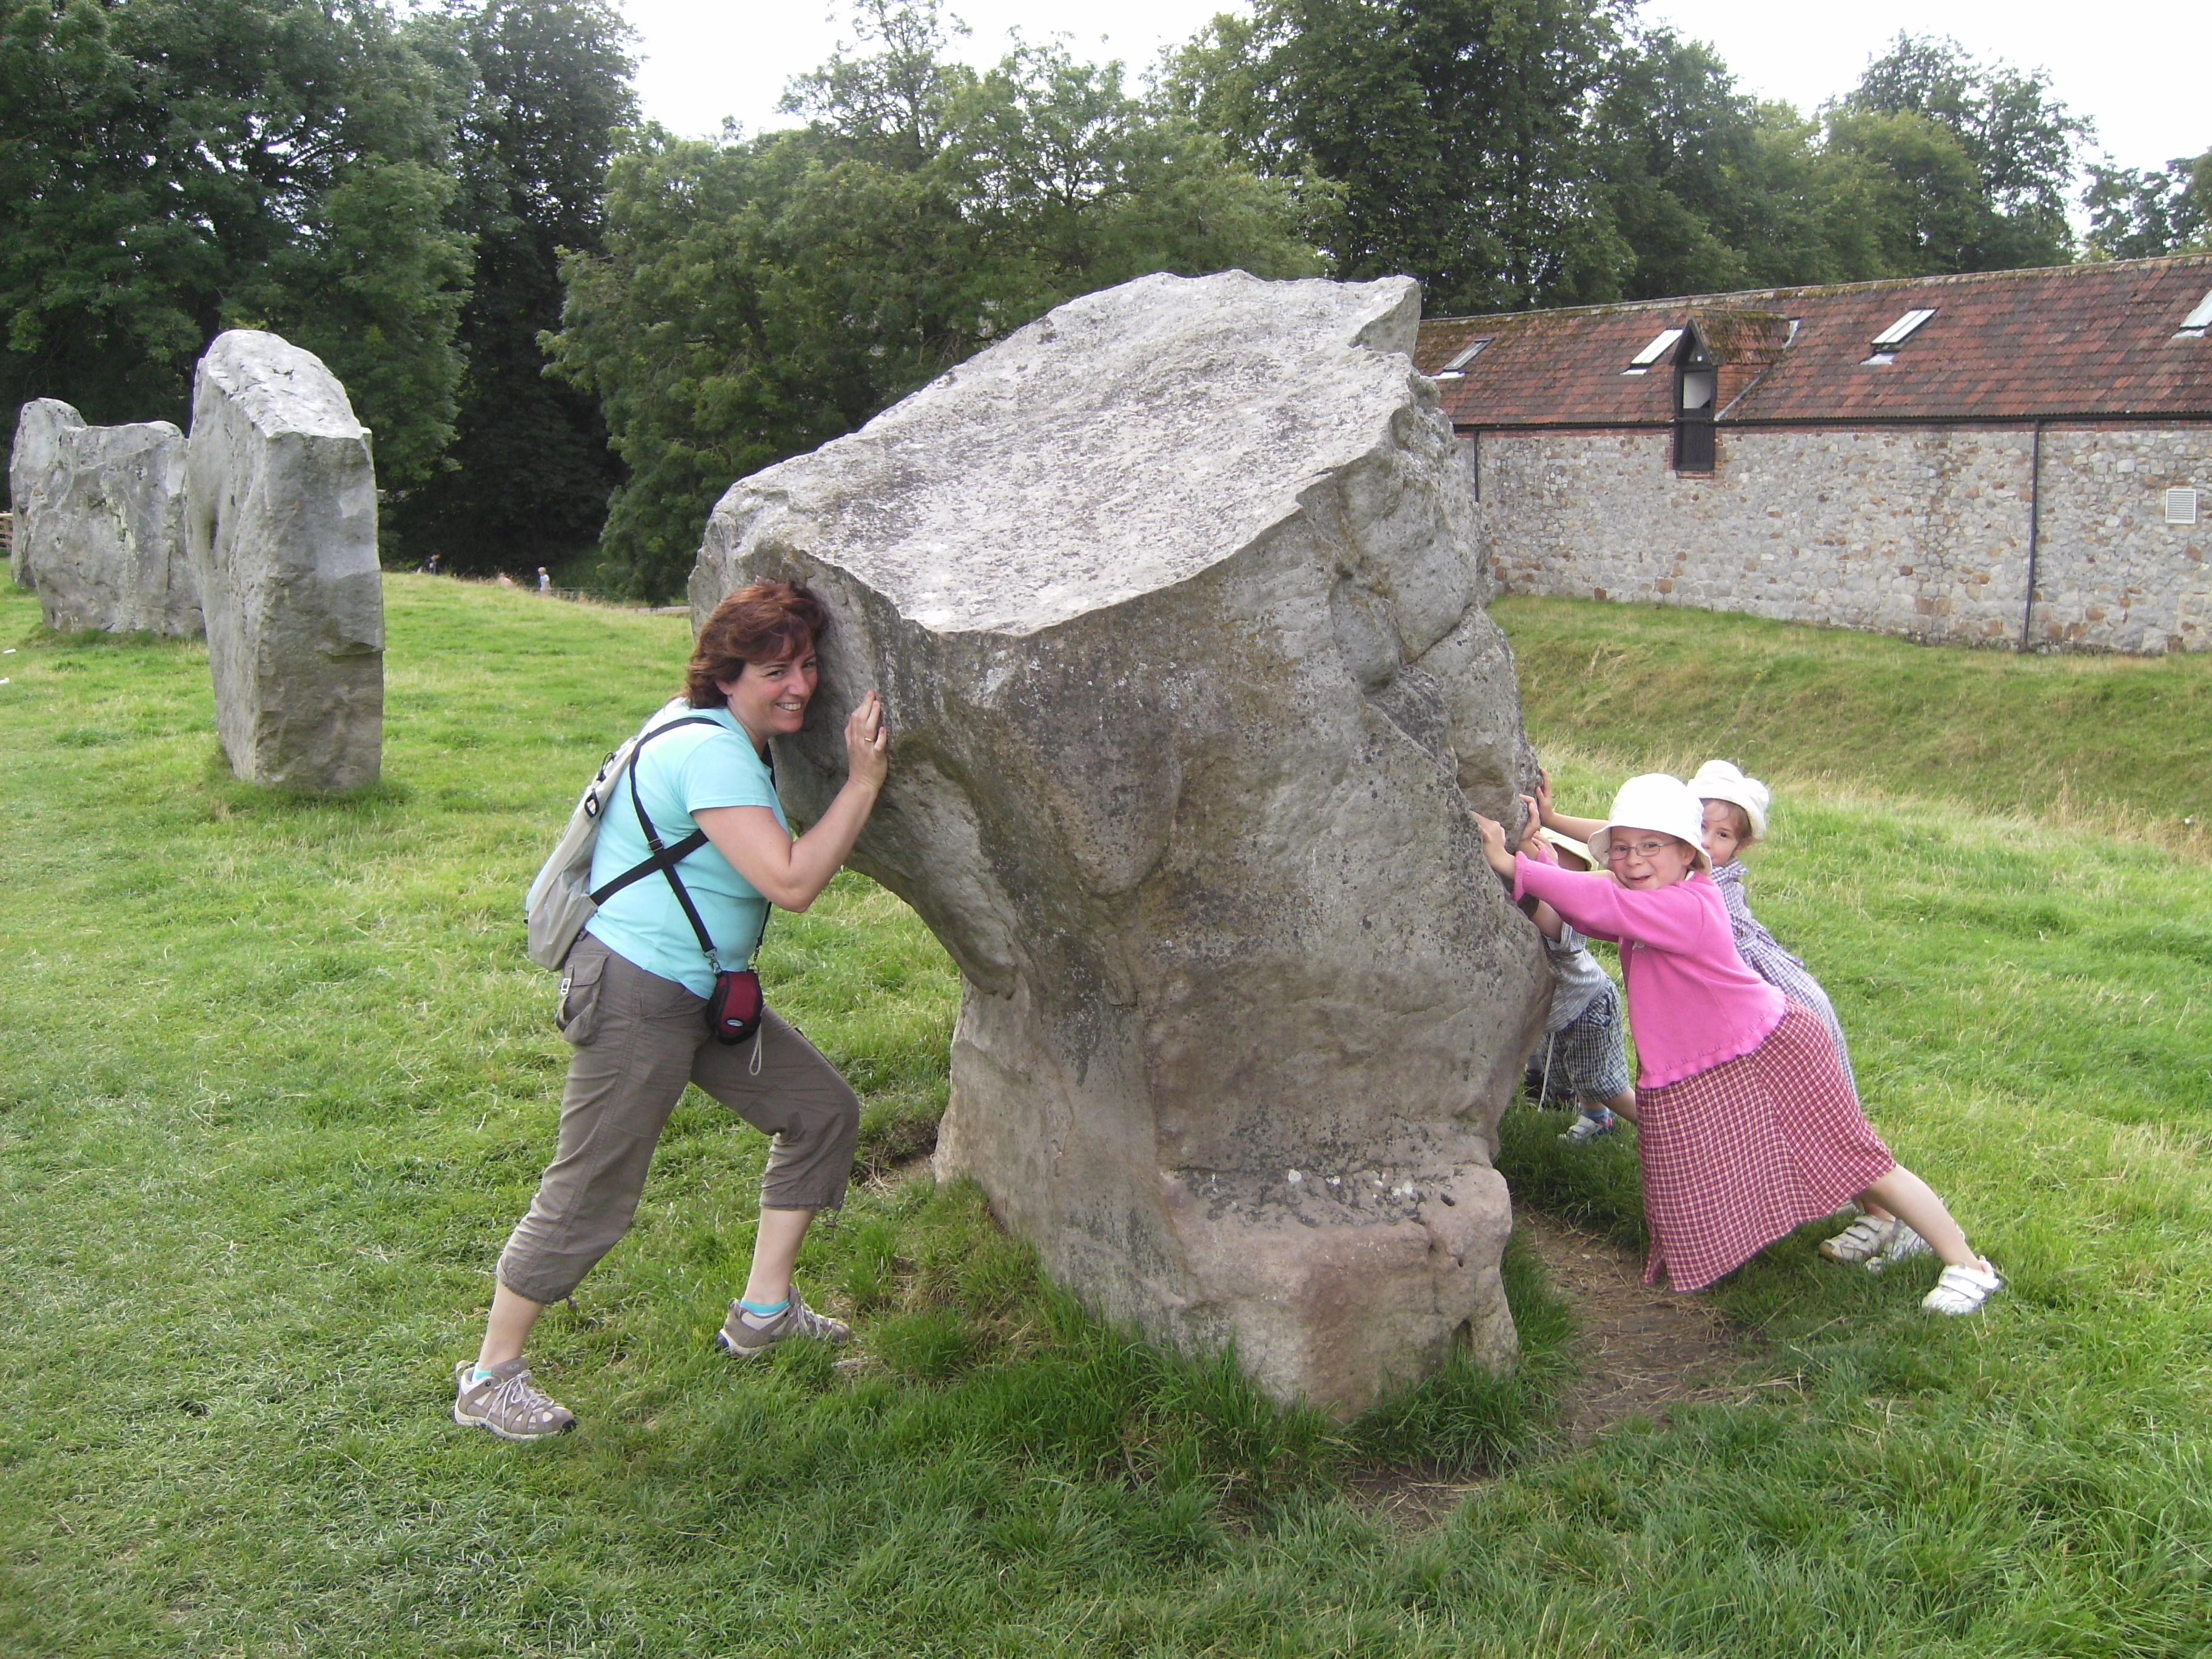 Merce trying to reset the Avebury stones despite some awkward children